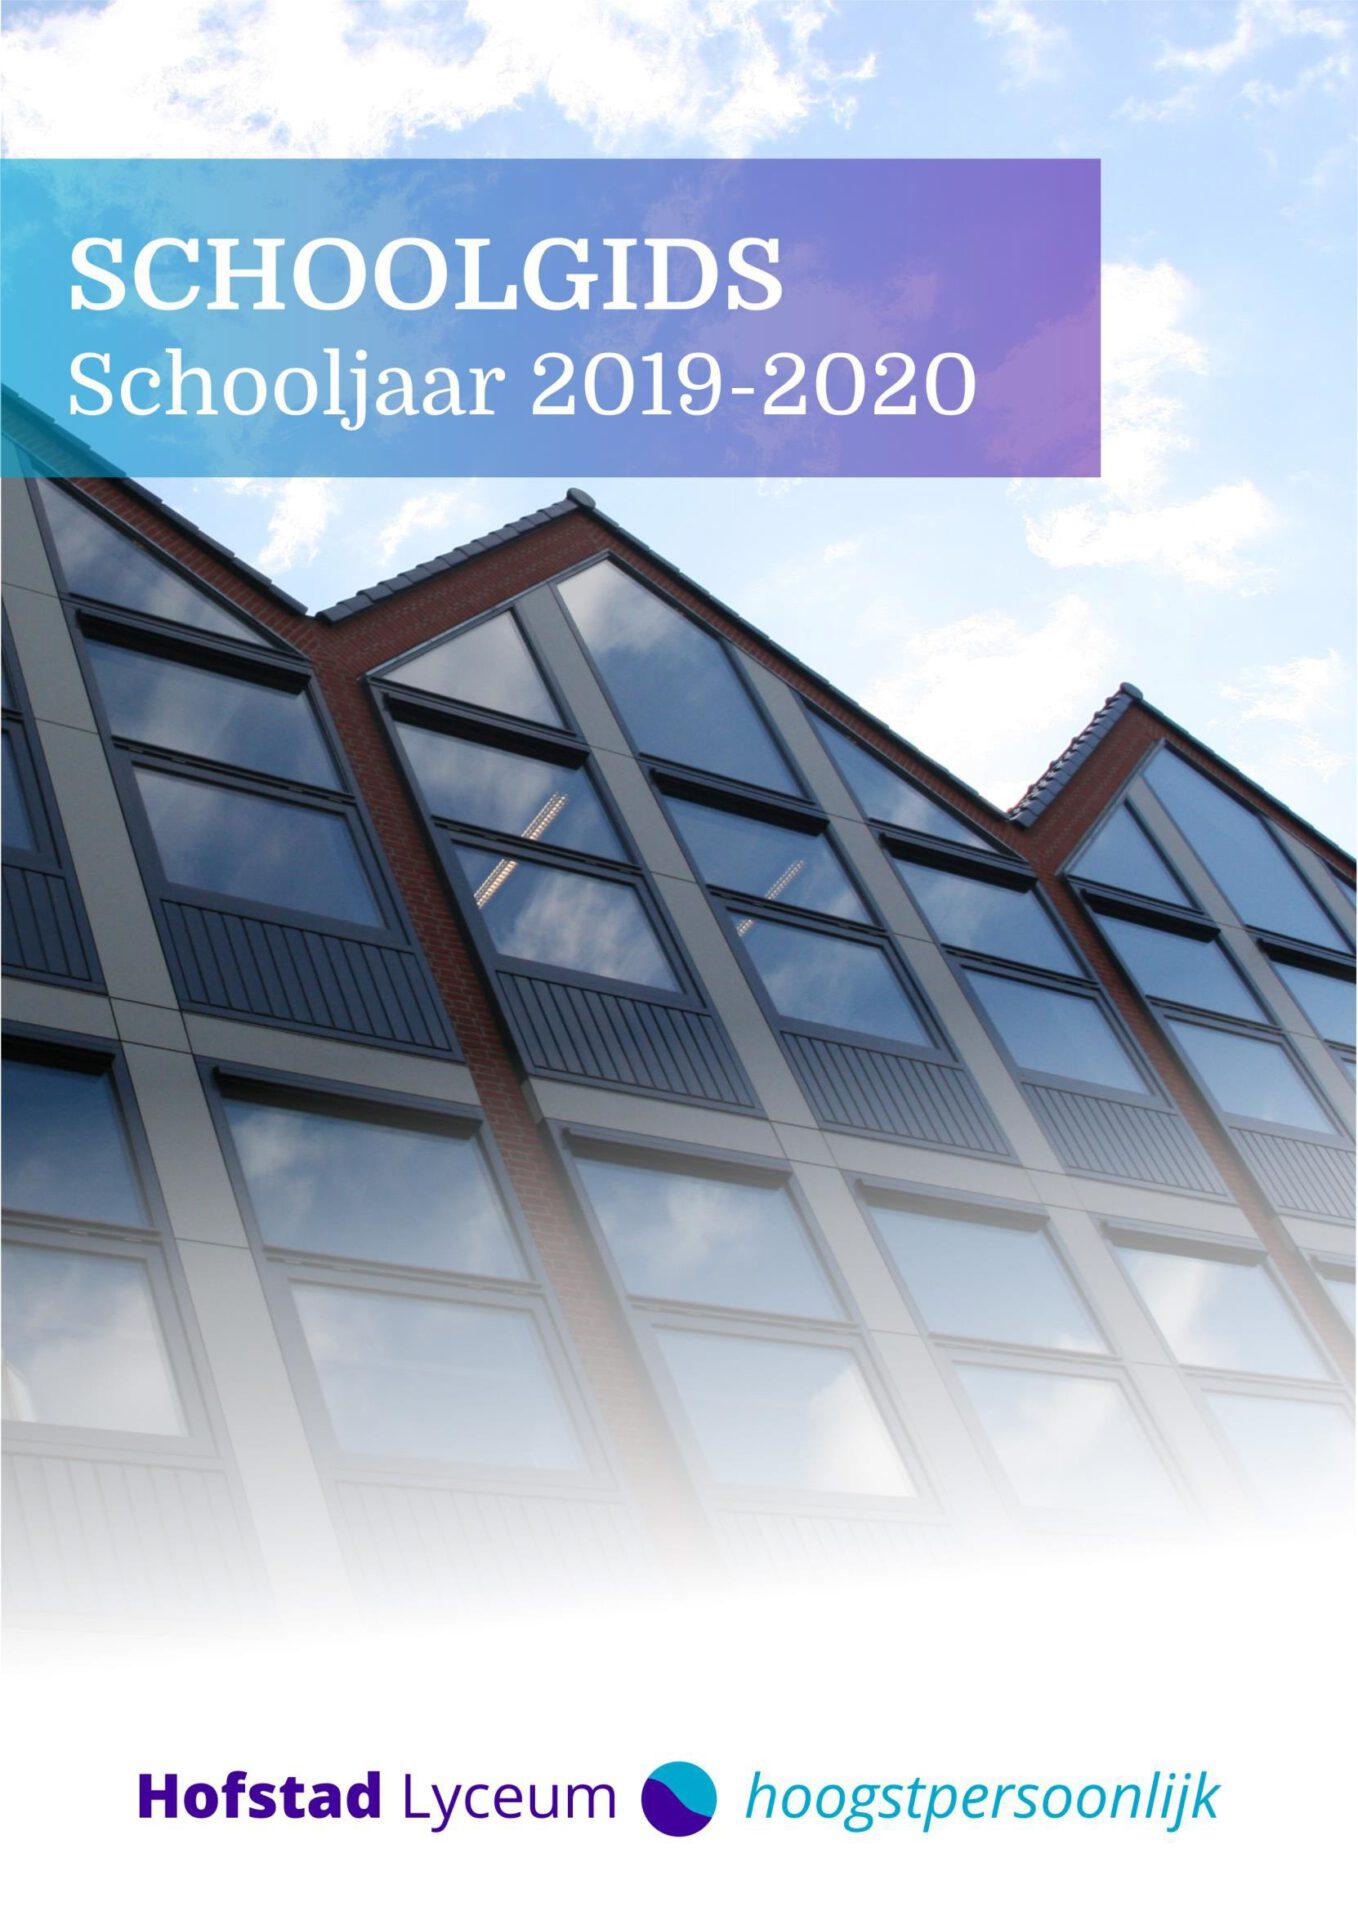 Schoolgids 2019/2020